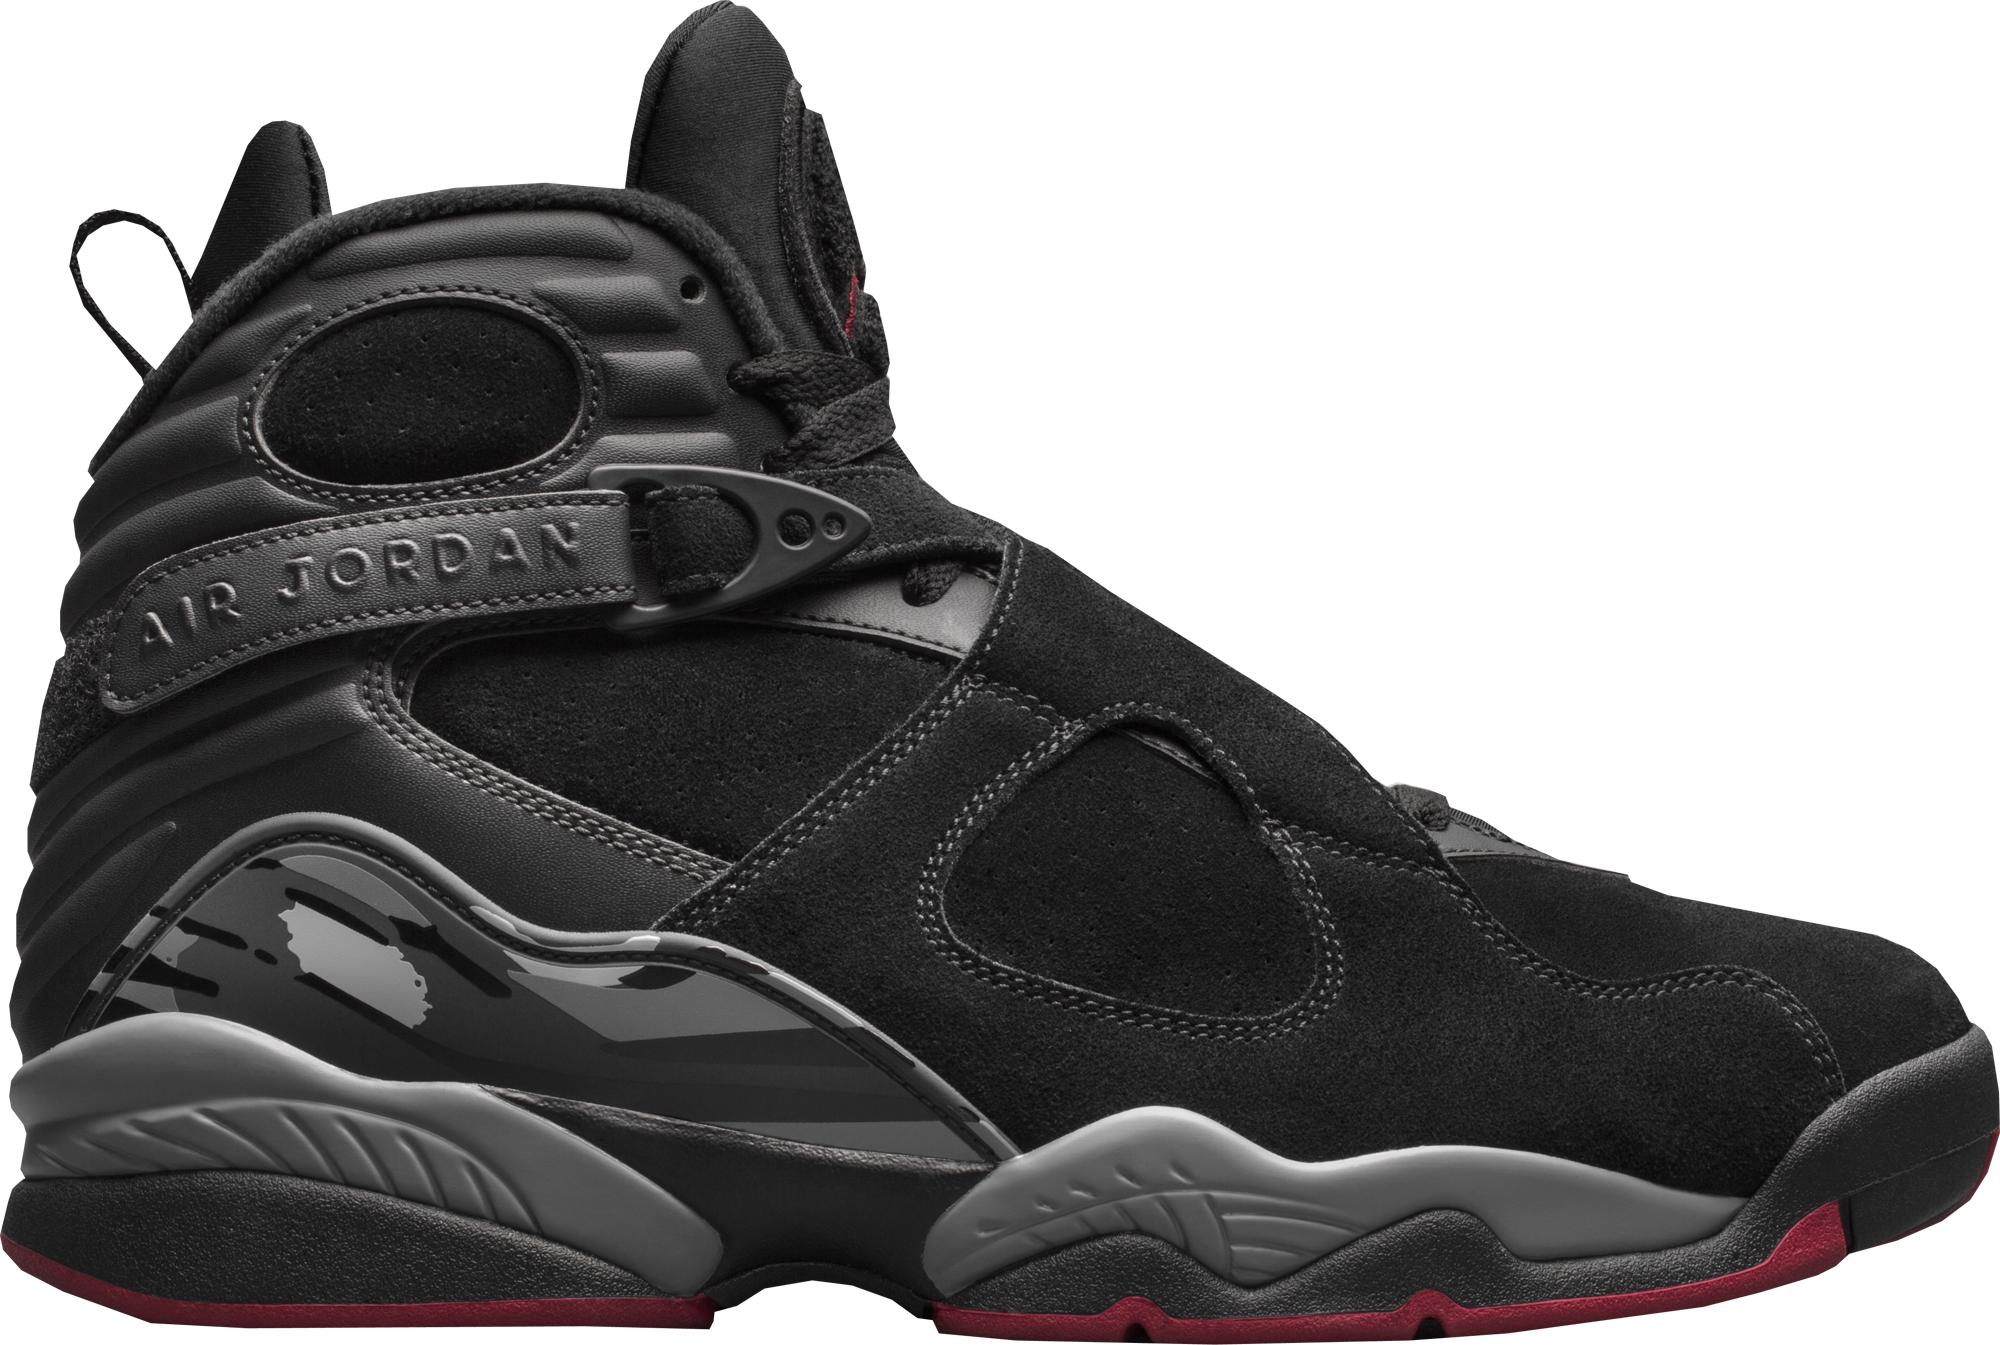 Jordan 8 Retro Black Cement